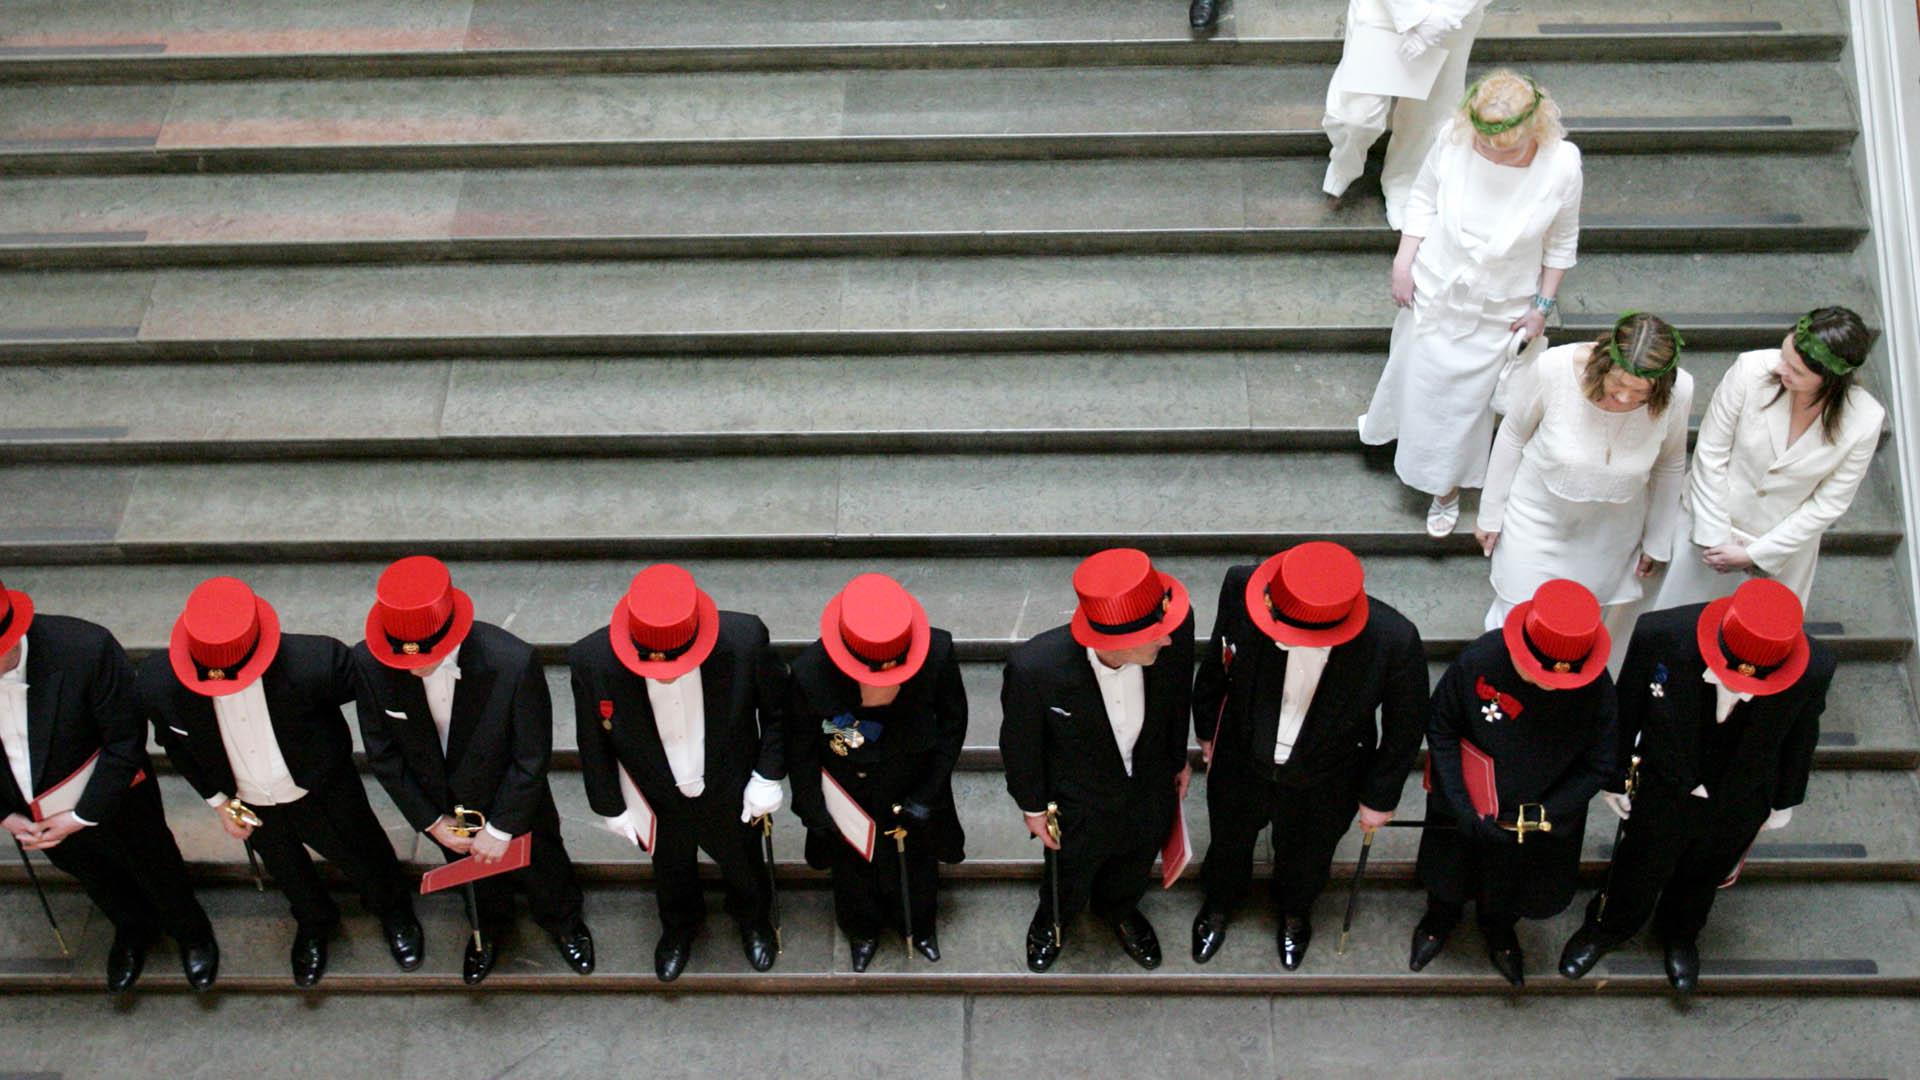 Taideyliopiston promotoituja tohtoreita punaisine hattuineen portailla ylhäältä käsin.